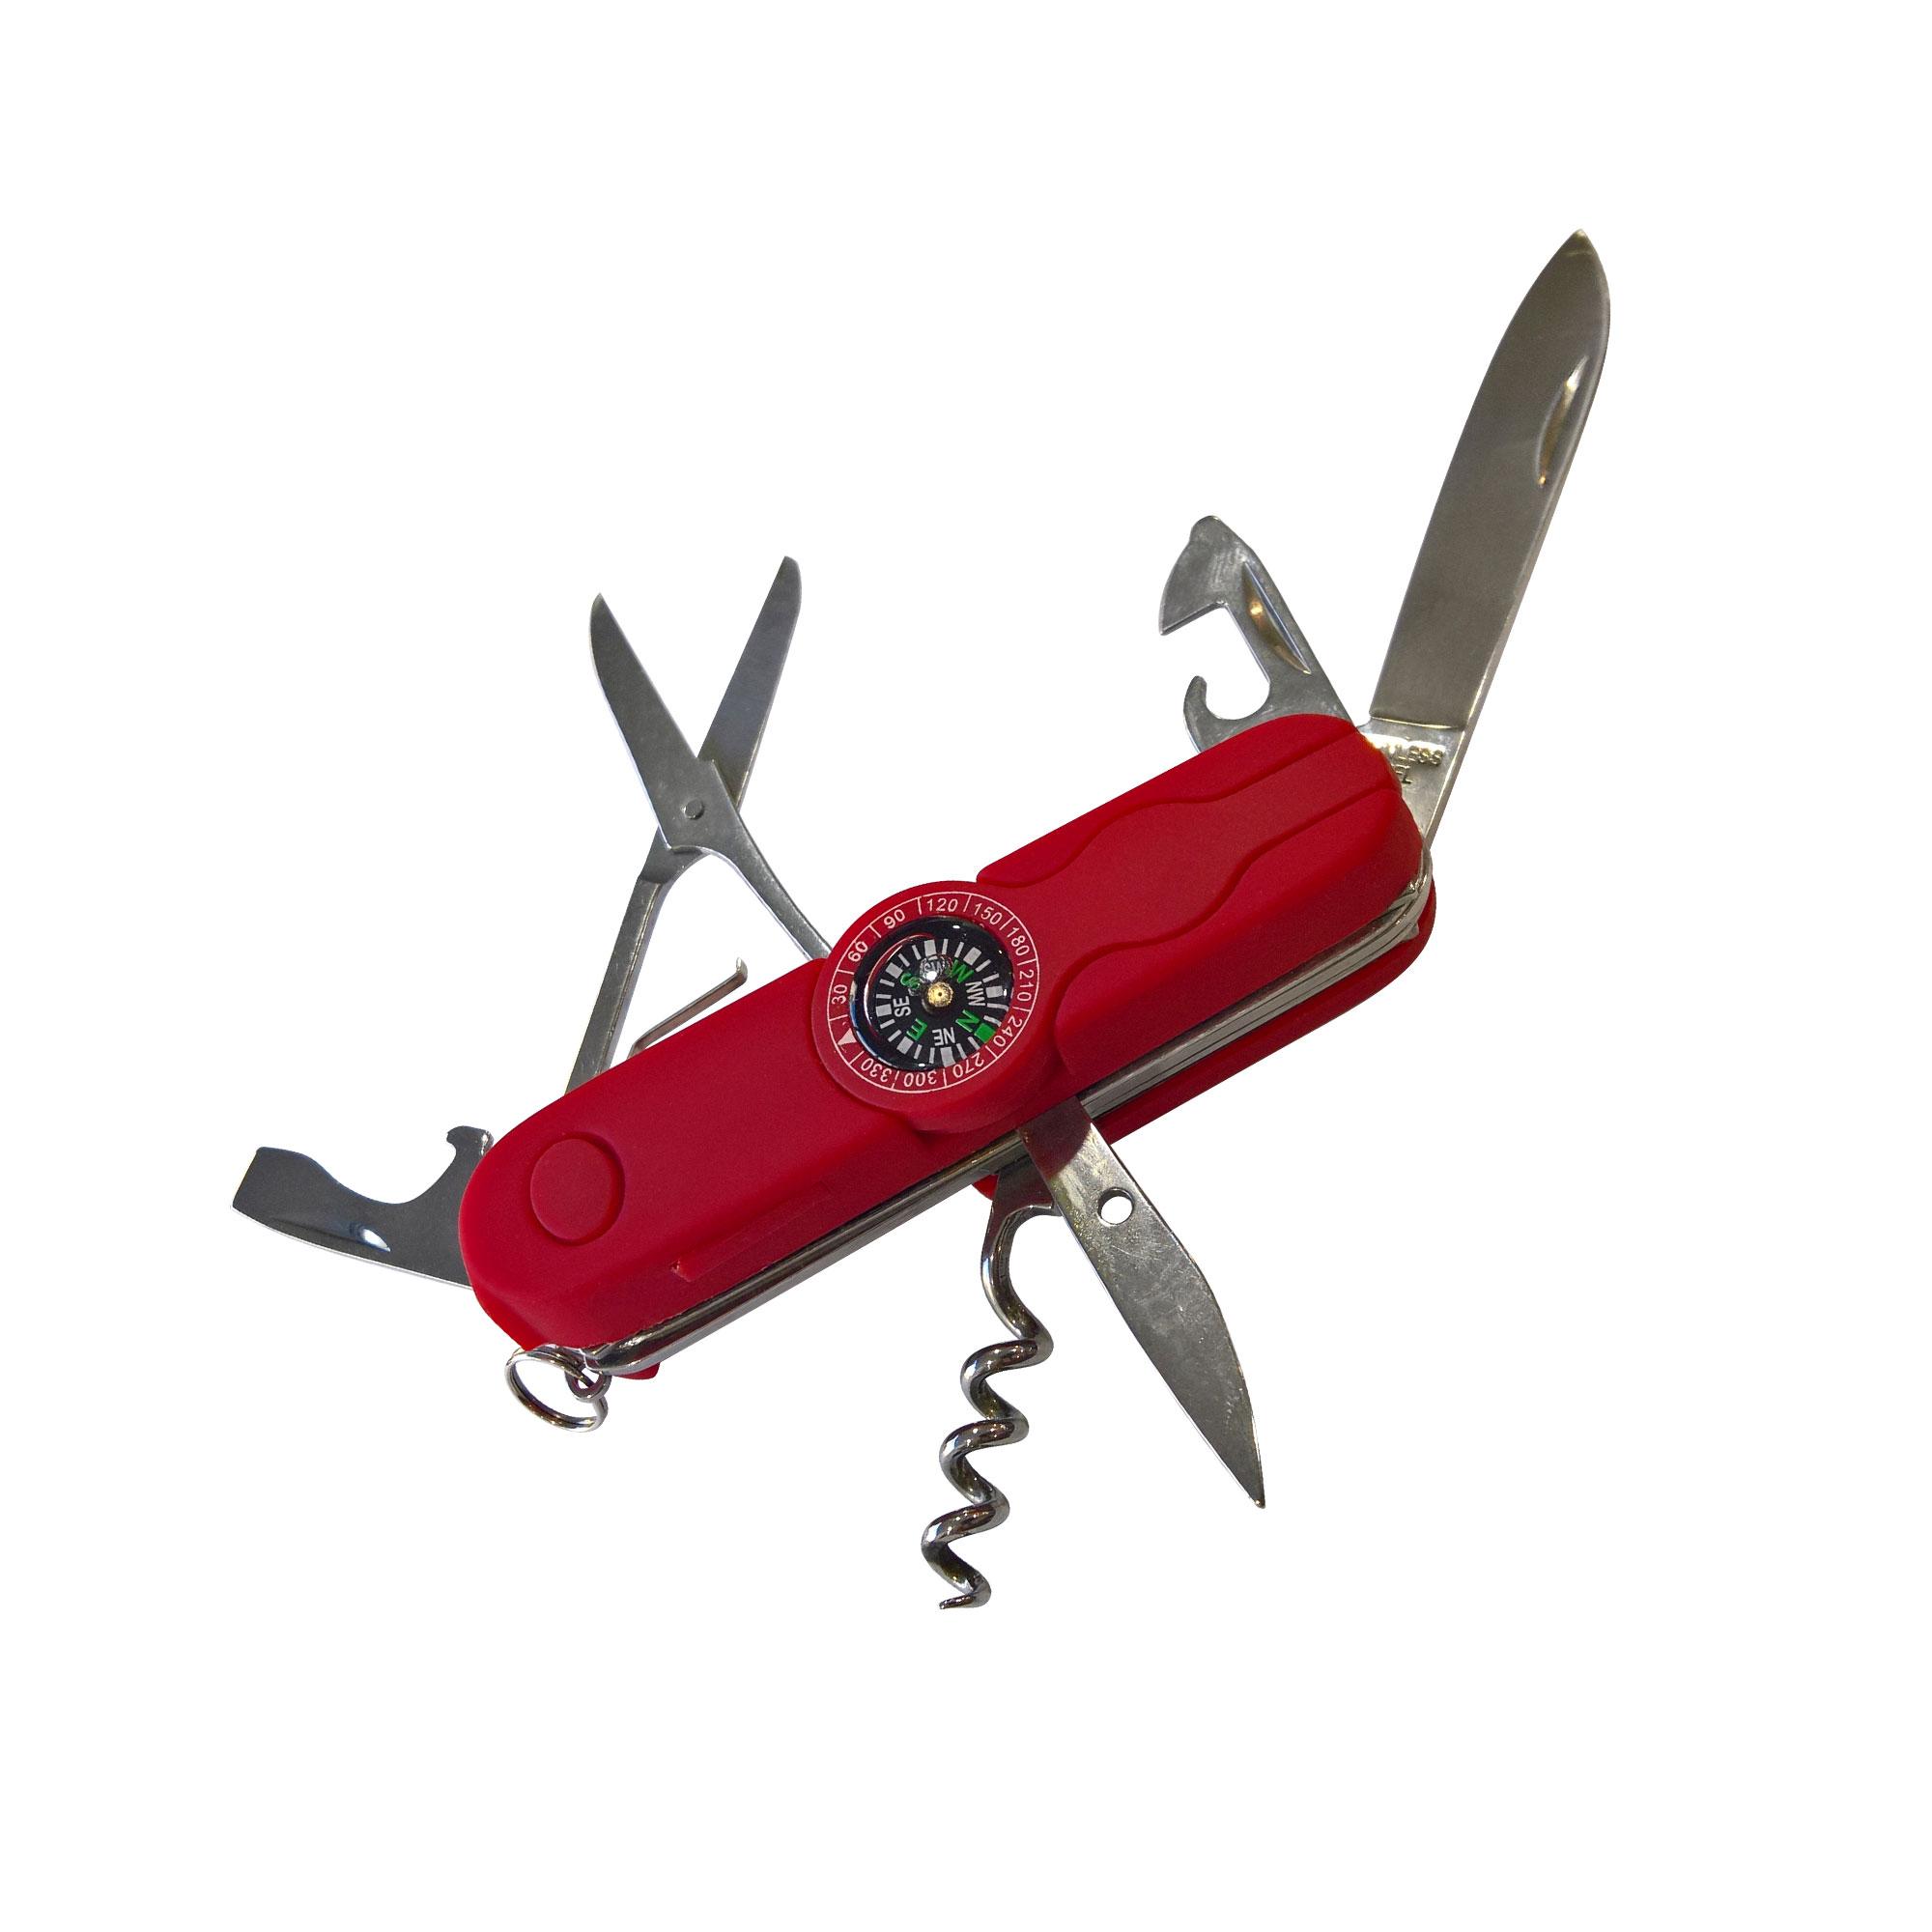 ابزار چند کاره سفری کد 004